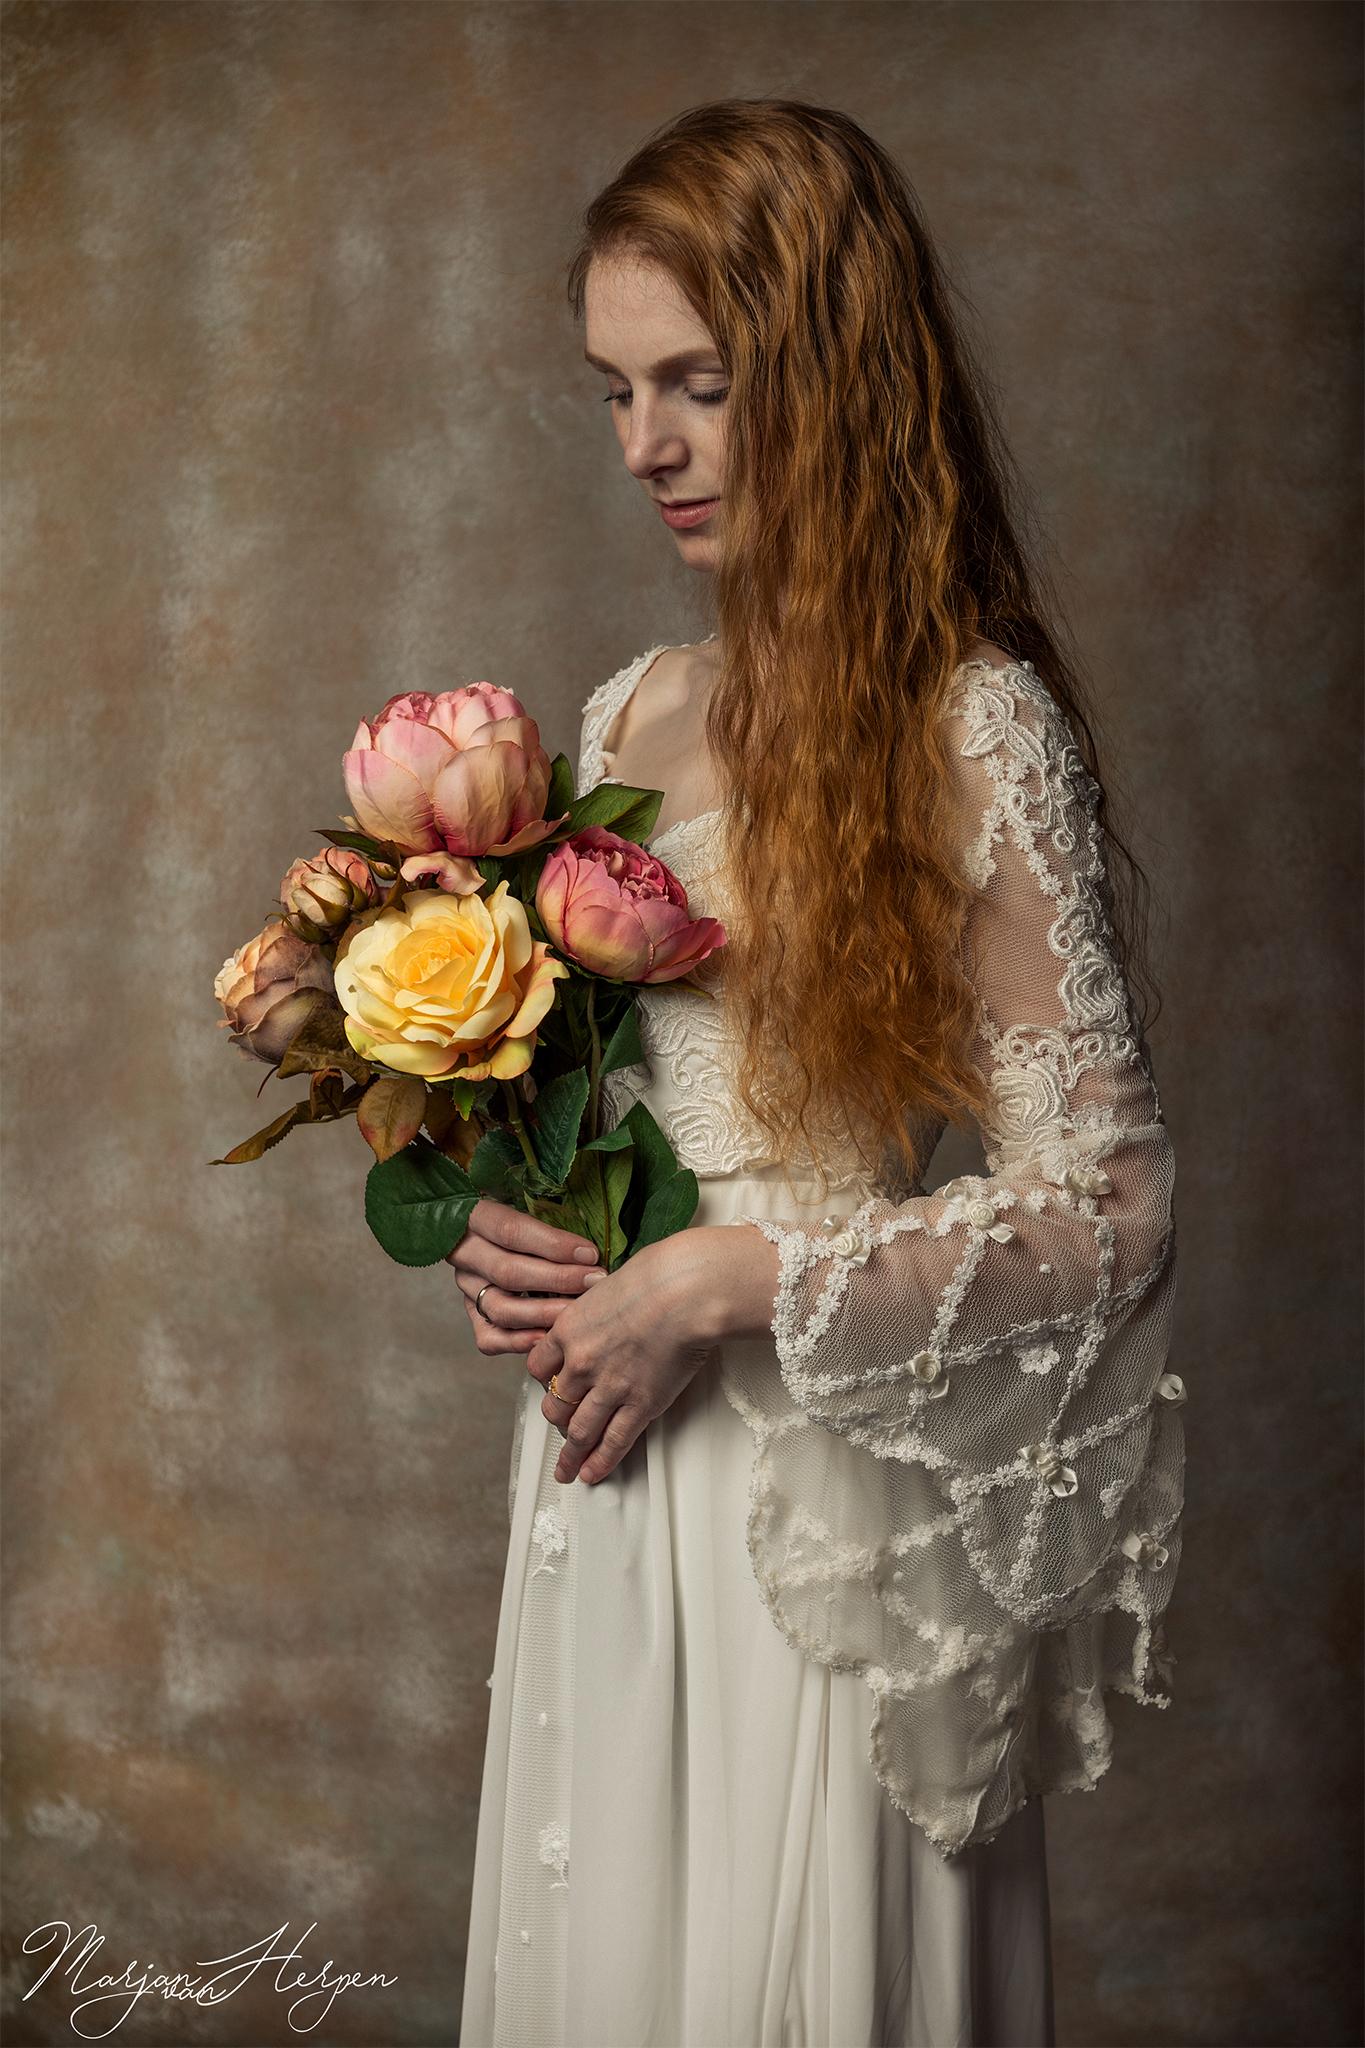 Voorbeeld van een te boeken fotoshoot van jongedame met bos bloemen